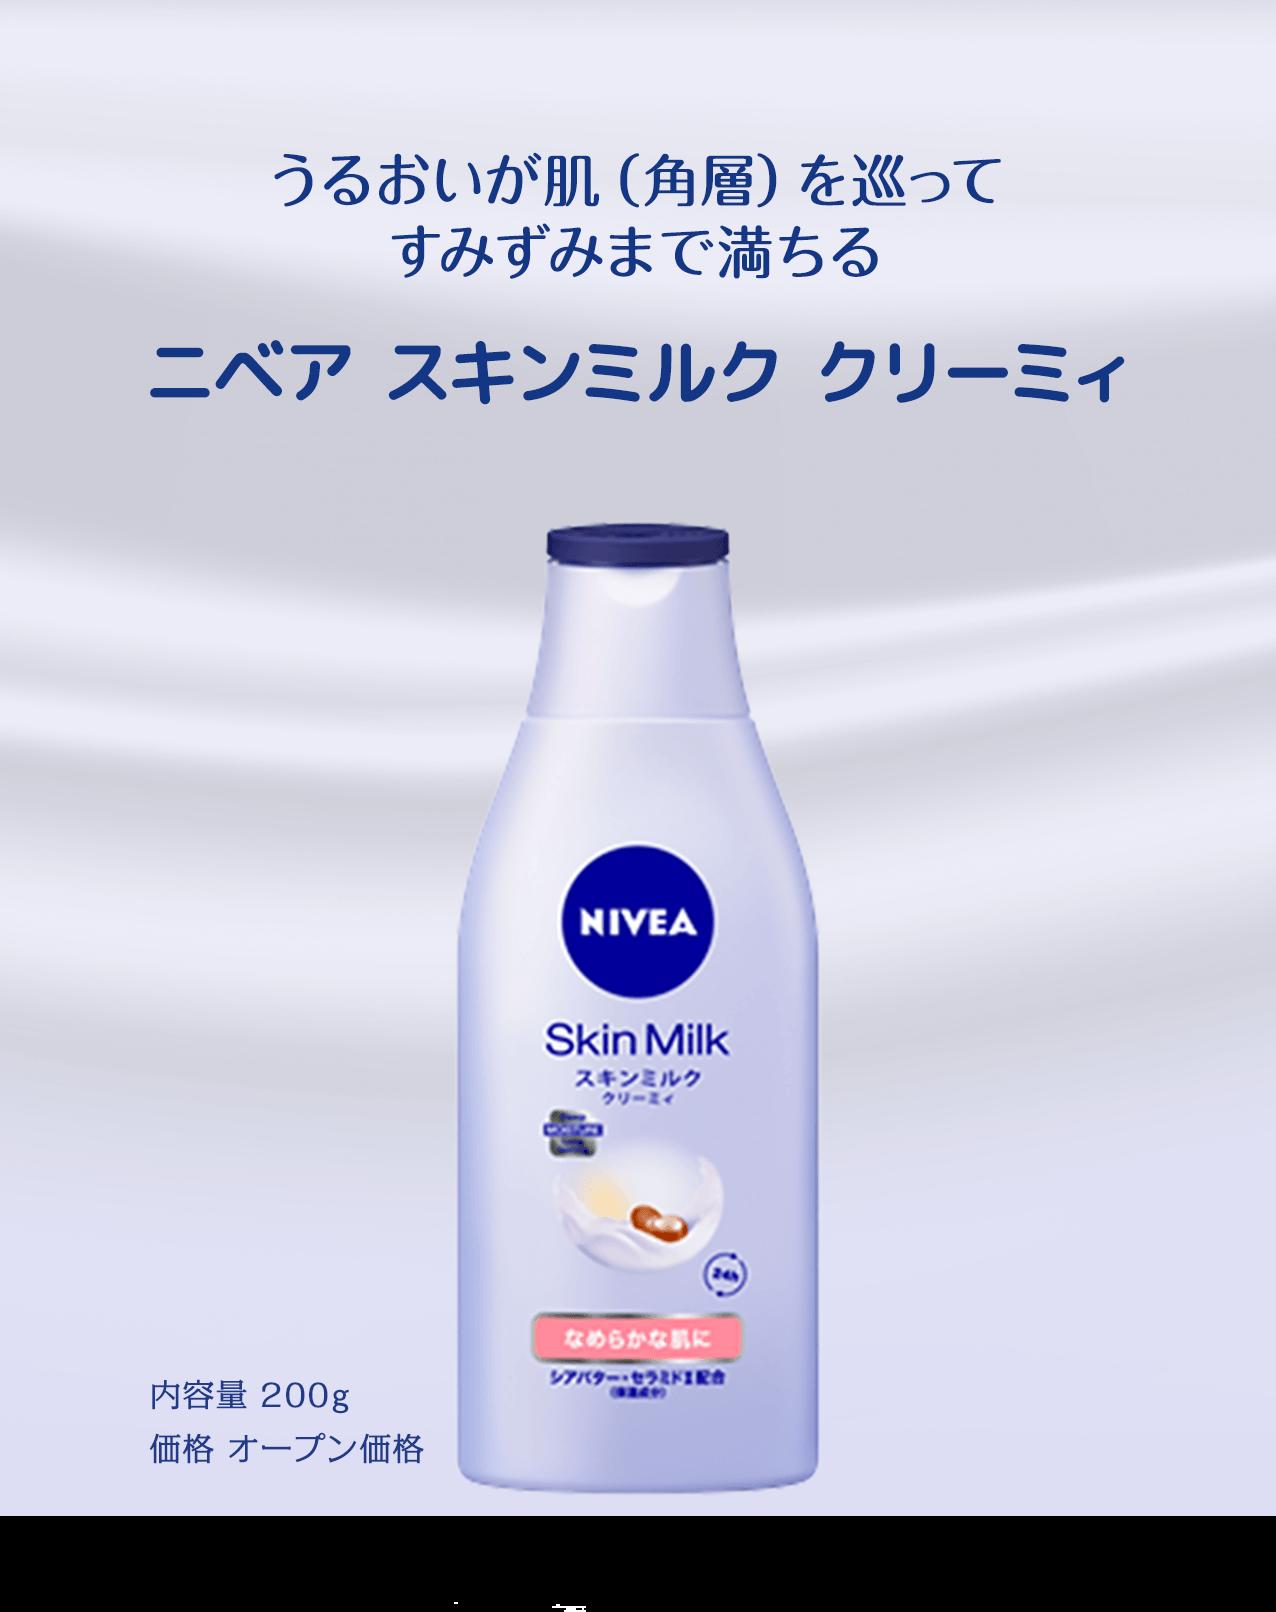 うるおいが肌(角層)を巡ってすみずみまで満ちる ニベア スキンミルク クリーミィ内容量200g 価格 オープン価格